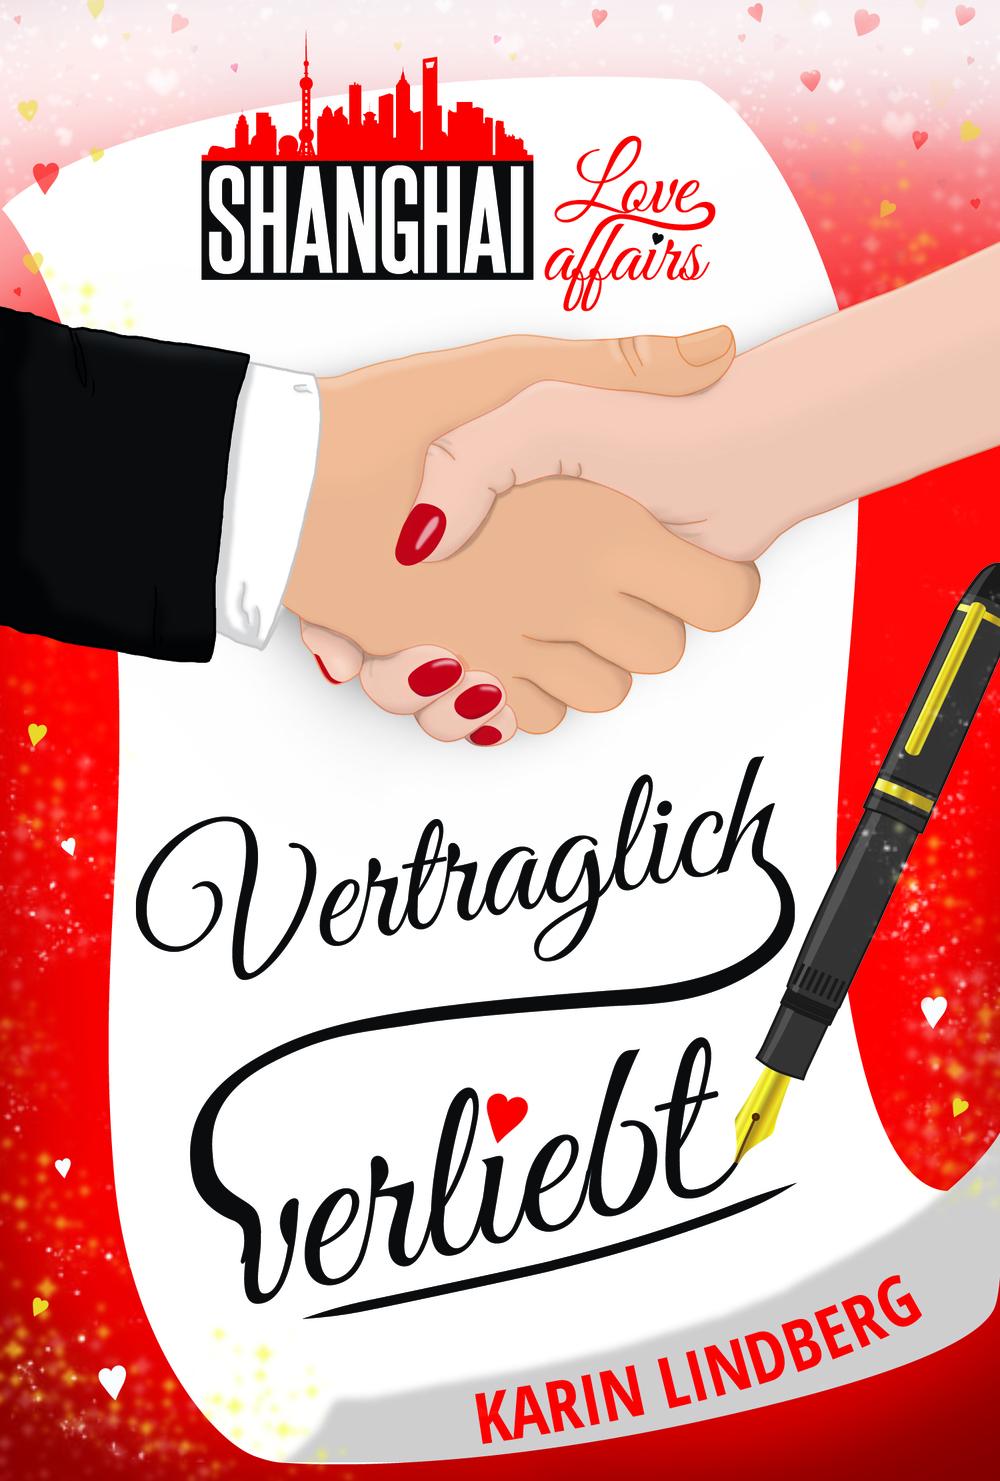 vertraglich_verliebt_karin_lindberg